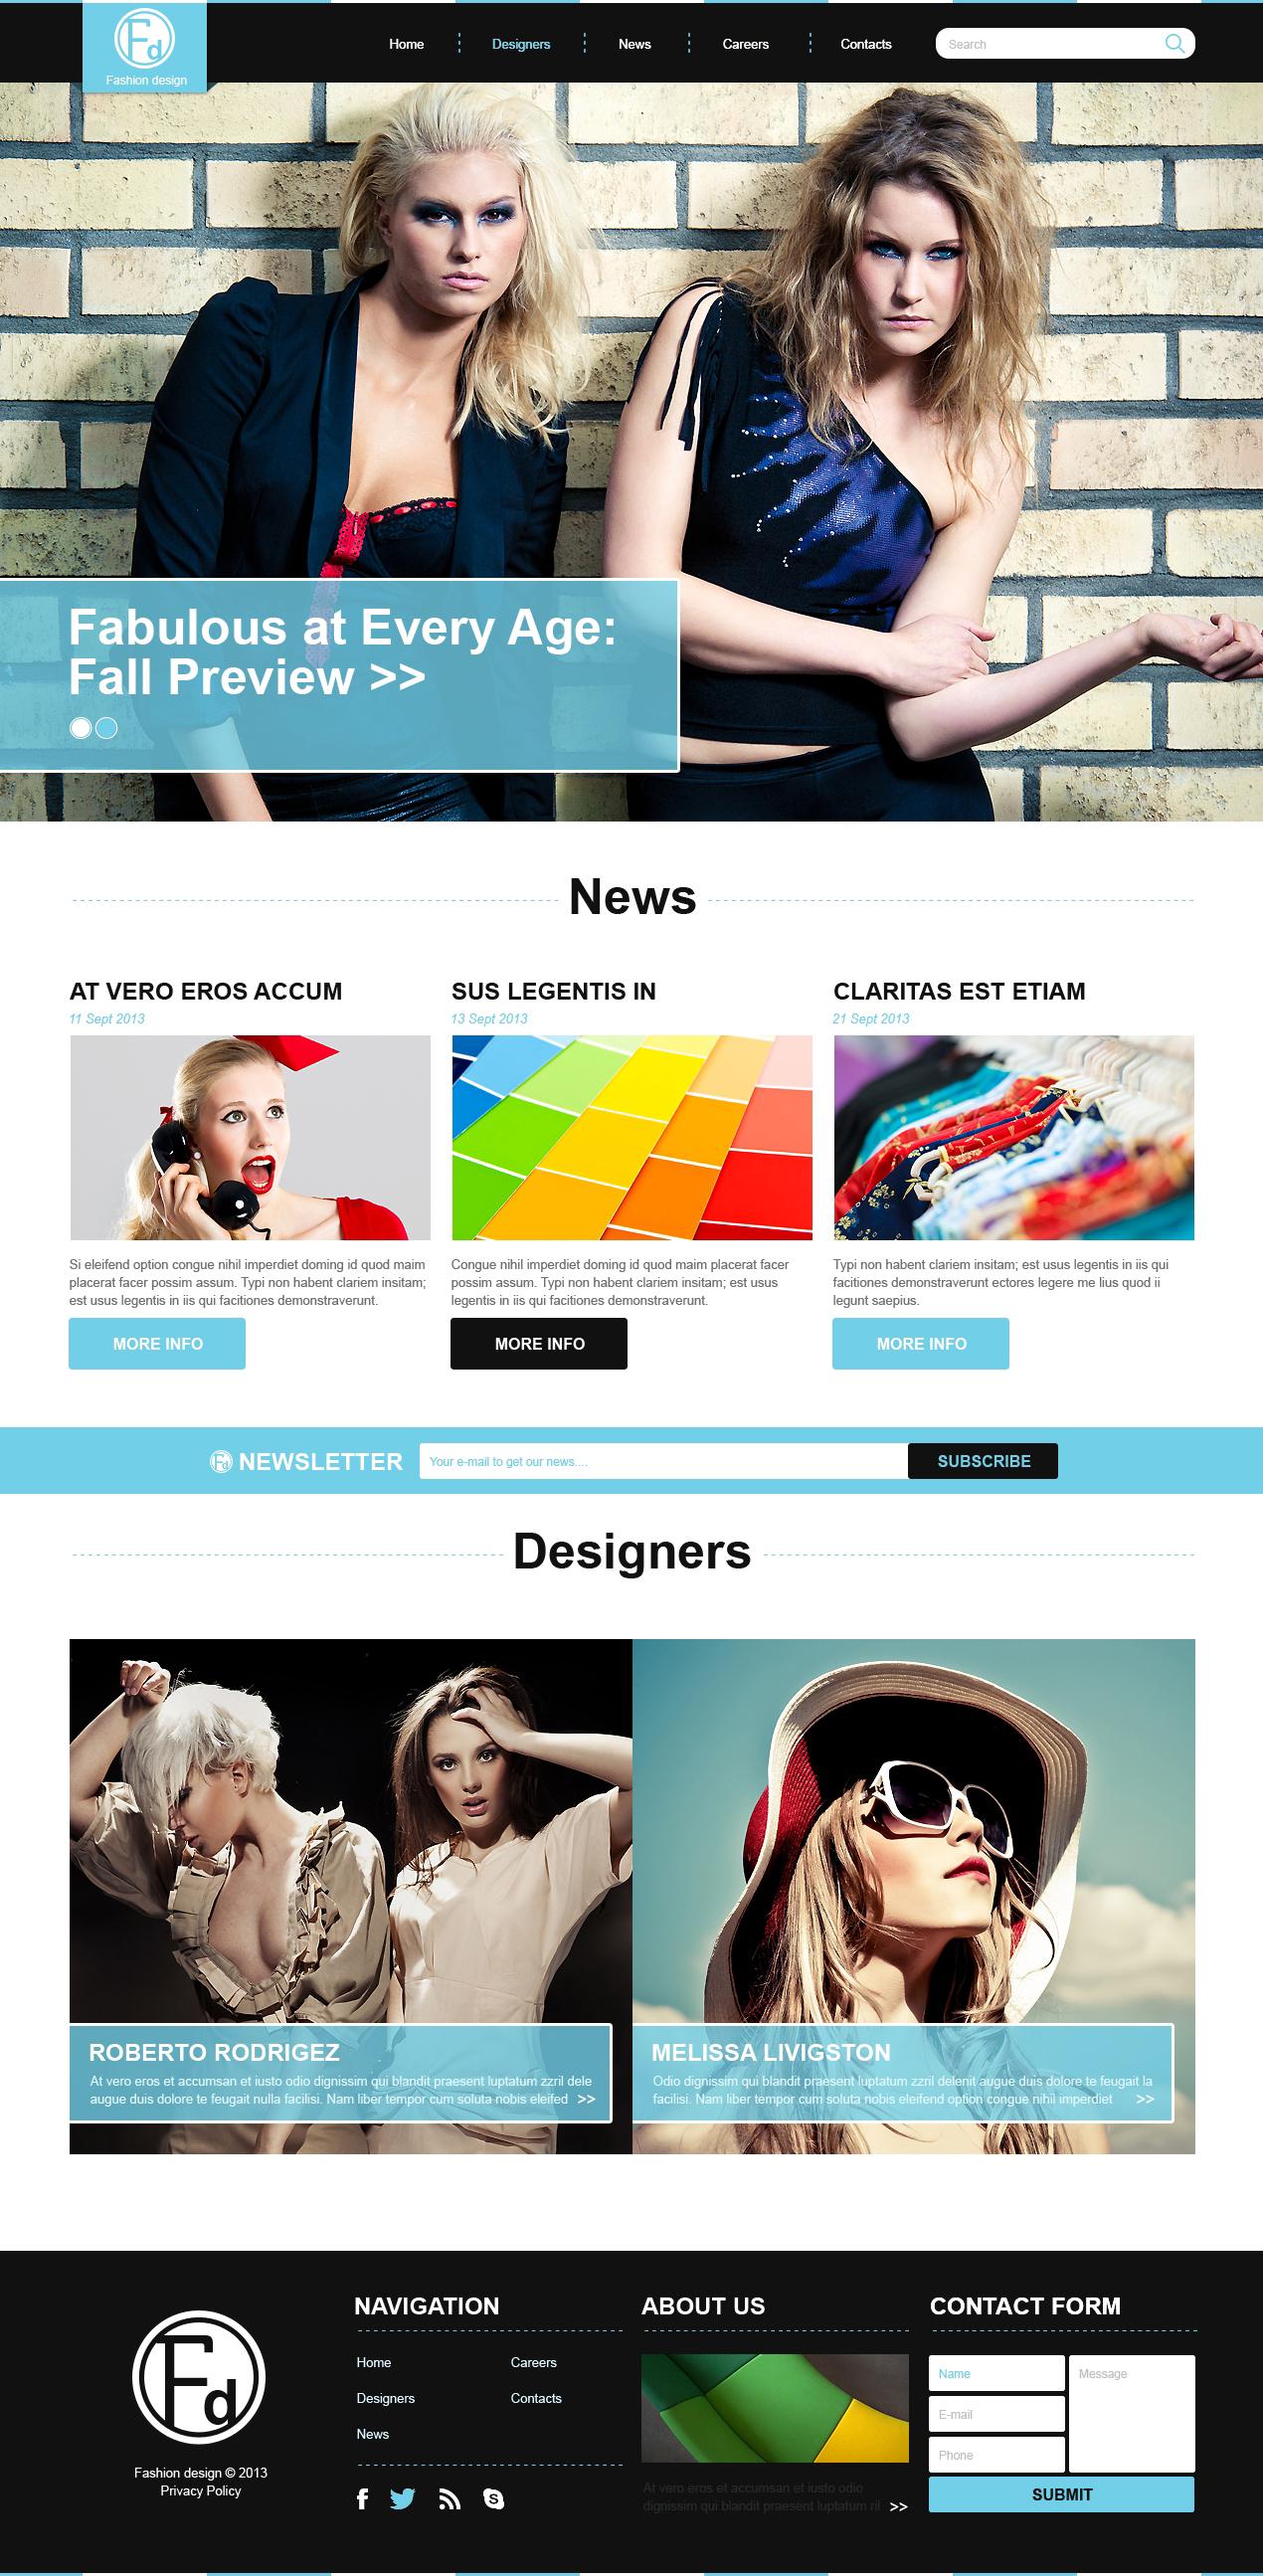 Fashion Design School №47945 - скриншот